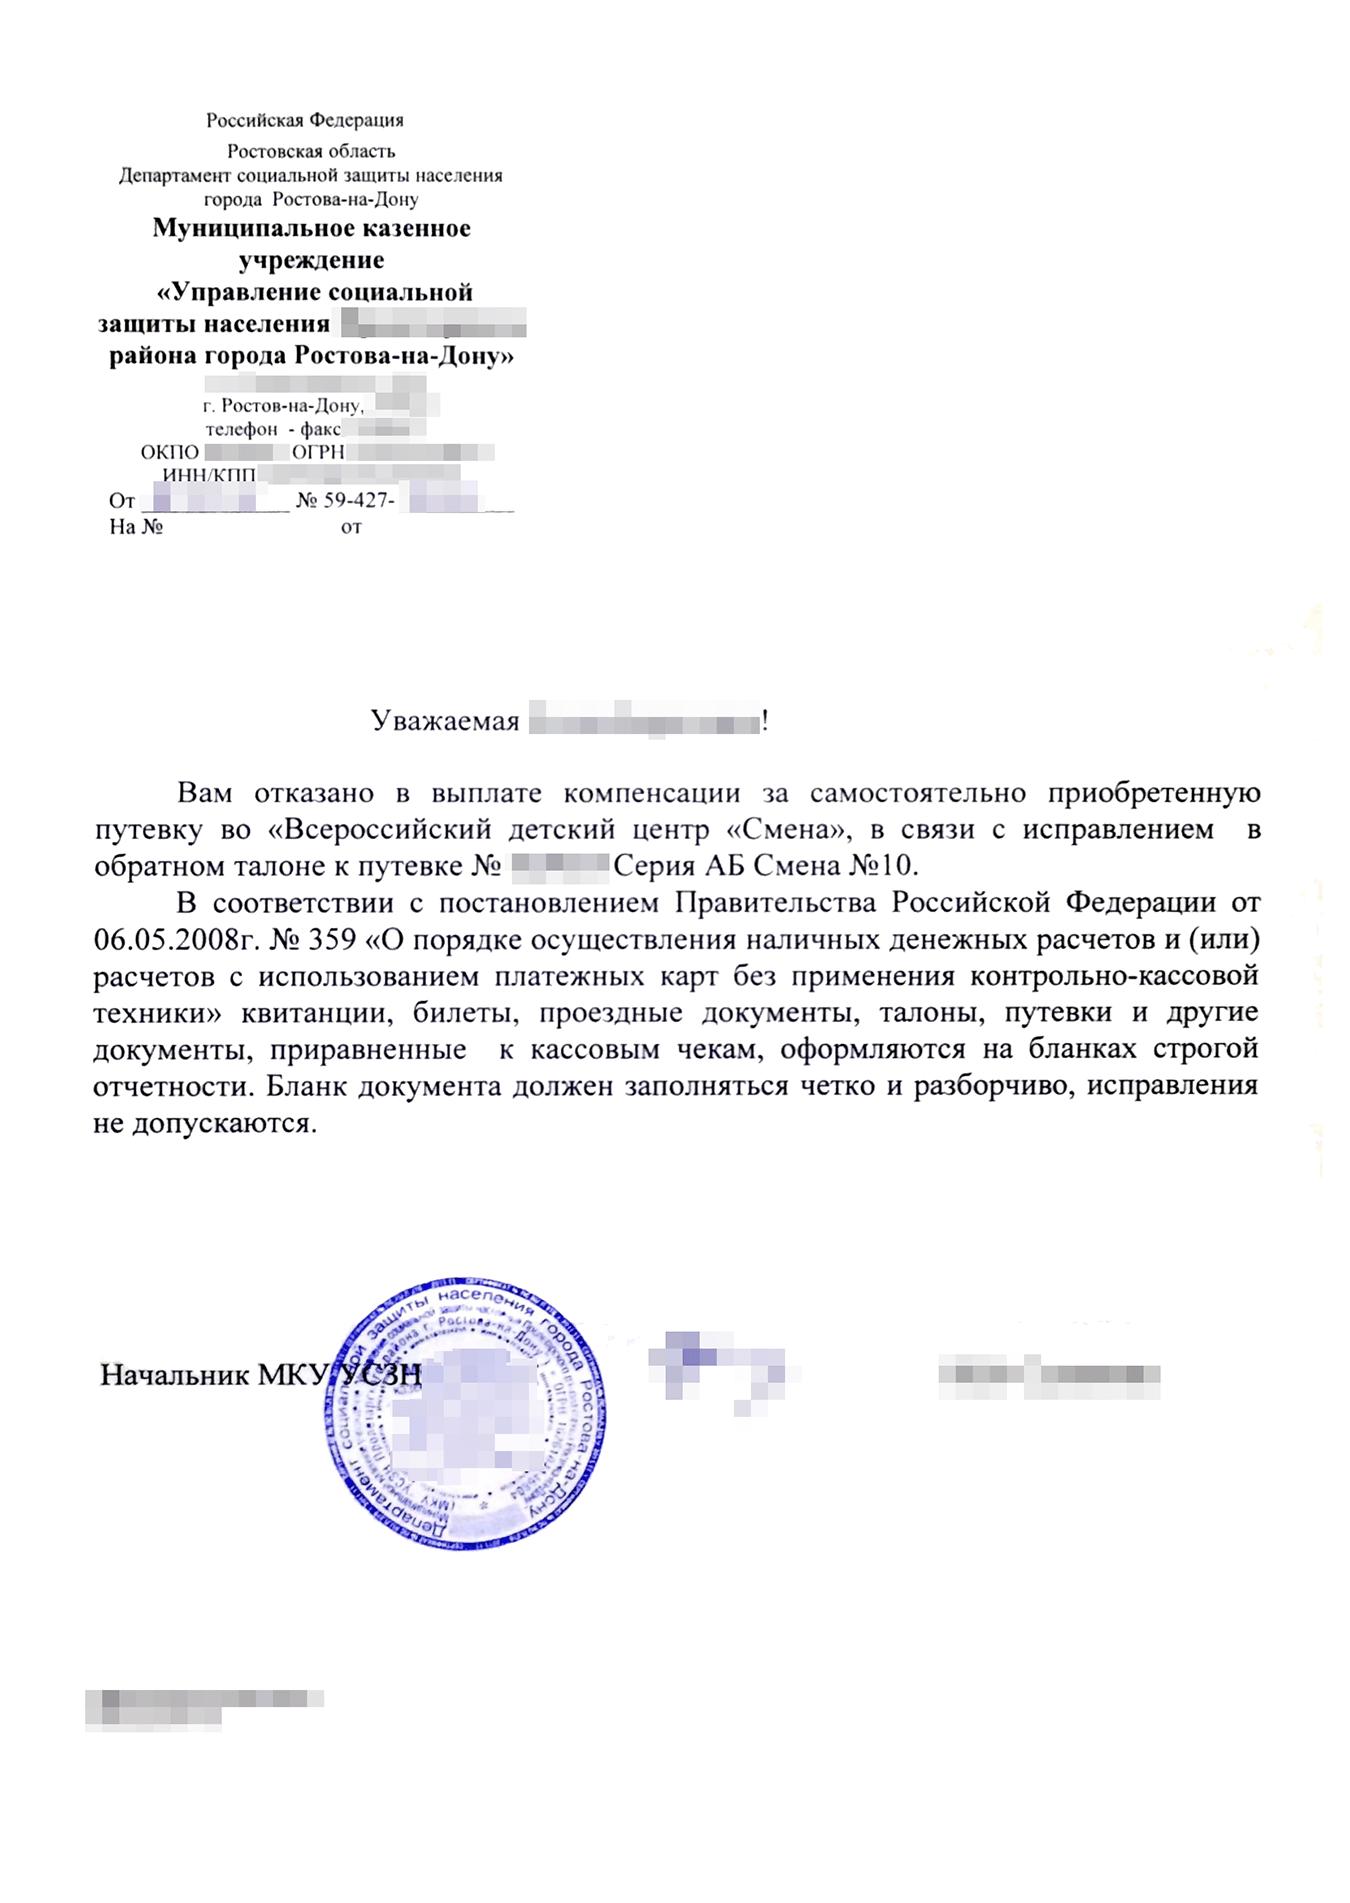 Официальный отказ УСЗН Пролетарского района г. Ростова-на-Дону